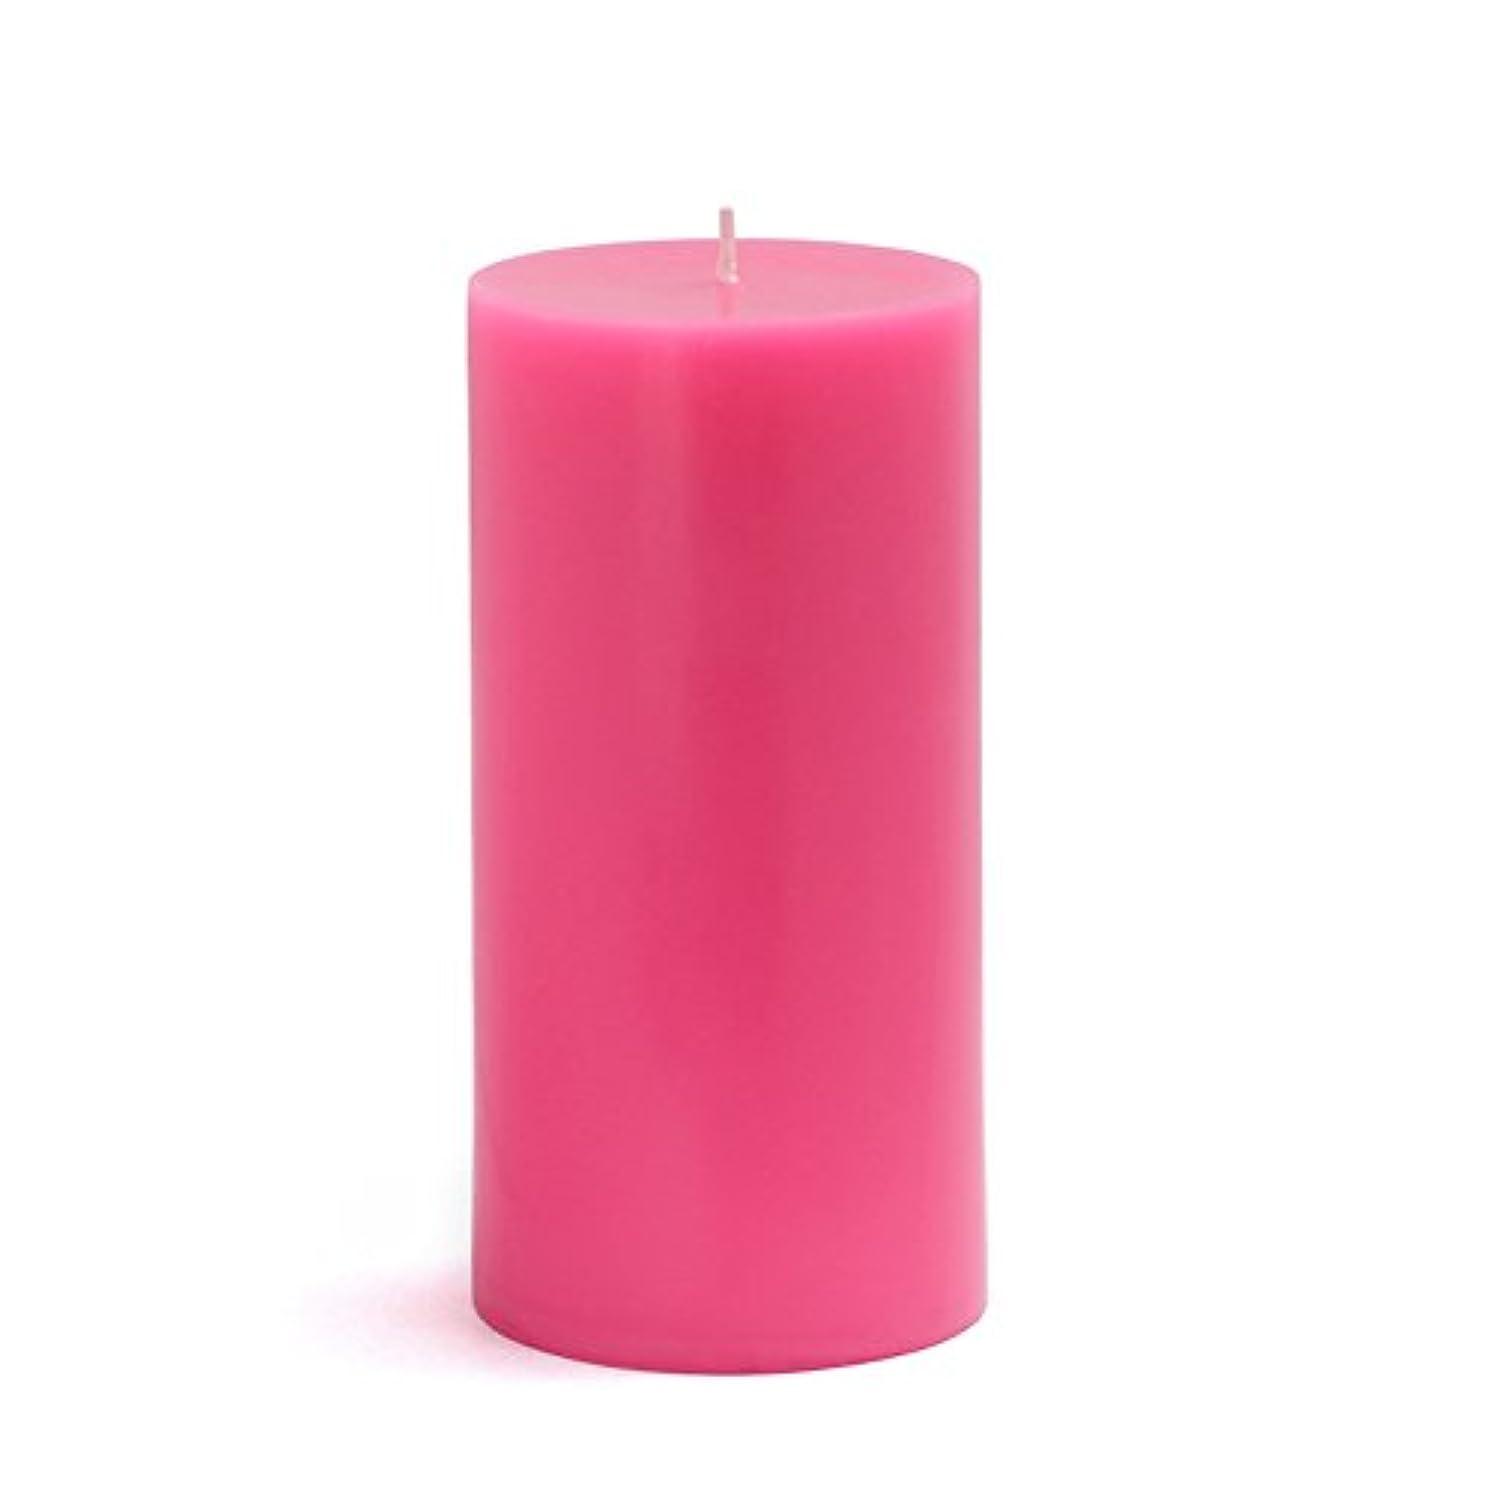 章フィクション月Zest Candle CPZ-084-12 3 x 6 in. Hot Pink Pillar Candles-12pcs-Case - Bulk